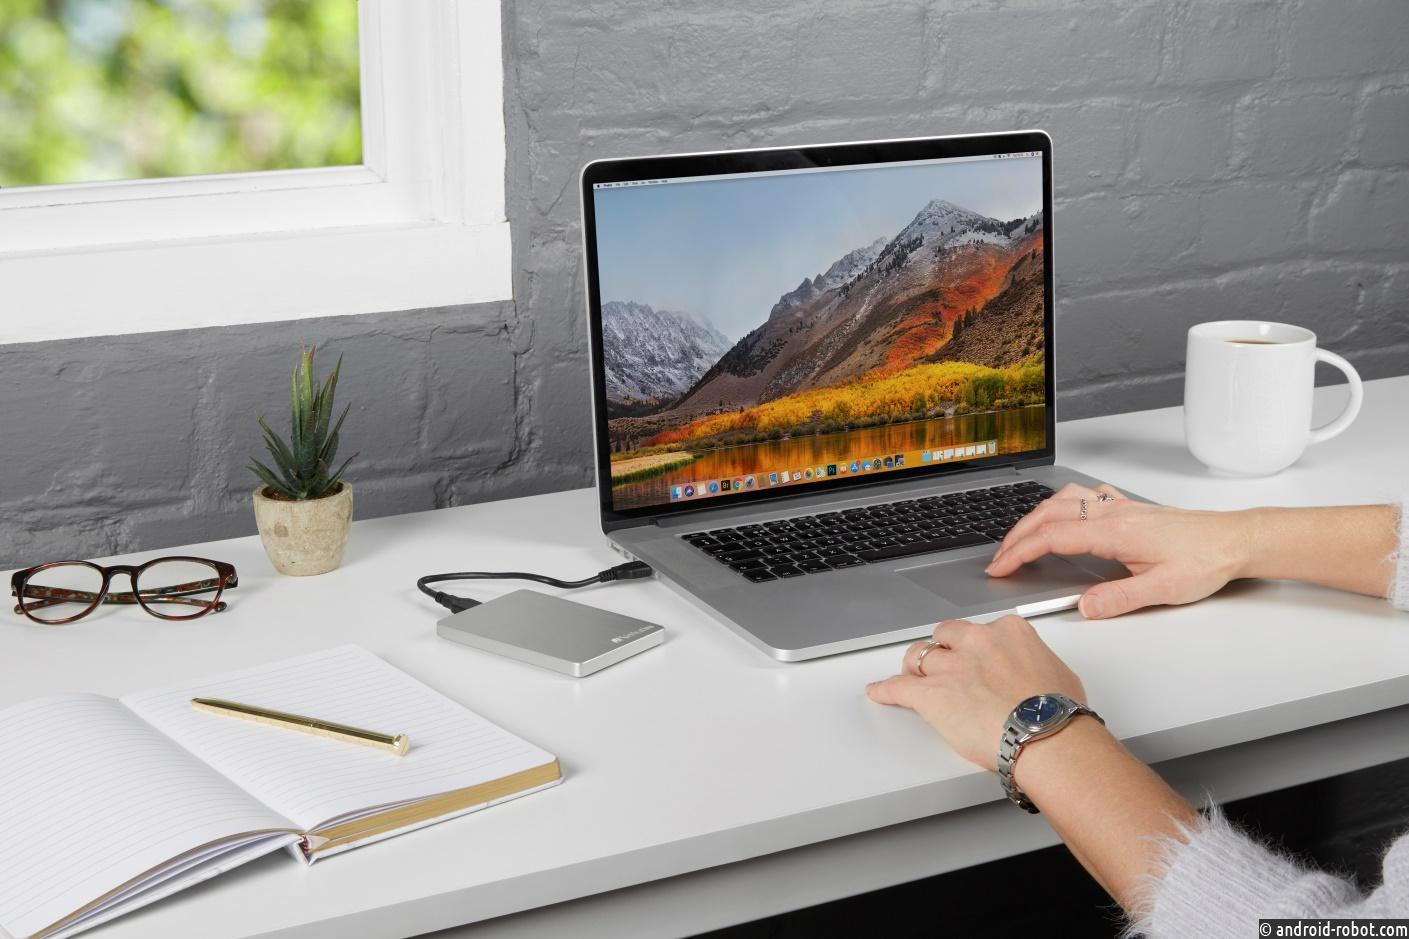 Verbatim начинает выпуск тонкого и стильного внешнего жесткого диска для пользователей MAC и PC